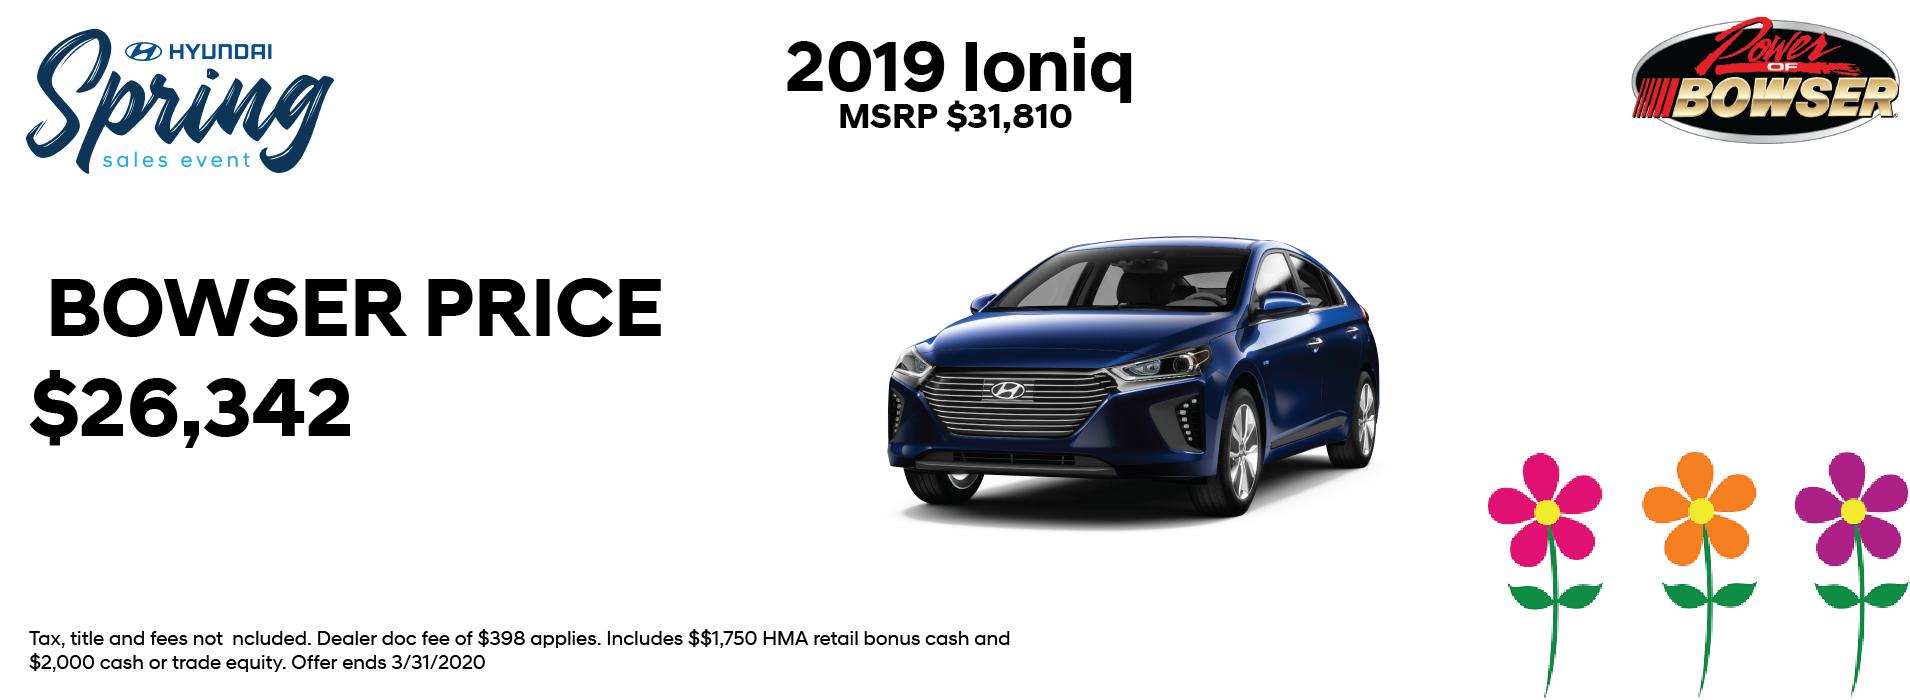 2019 Ioniq Special Offer